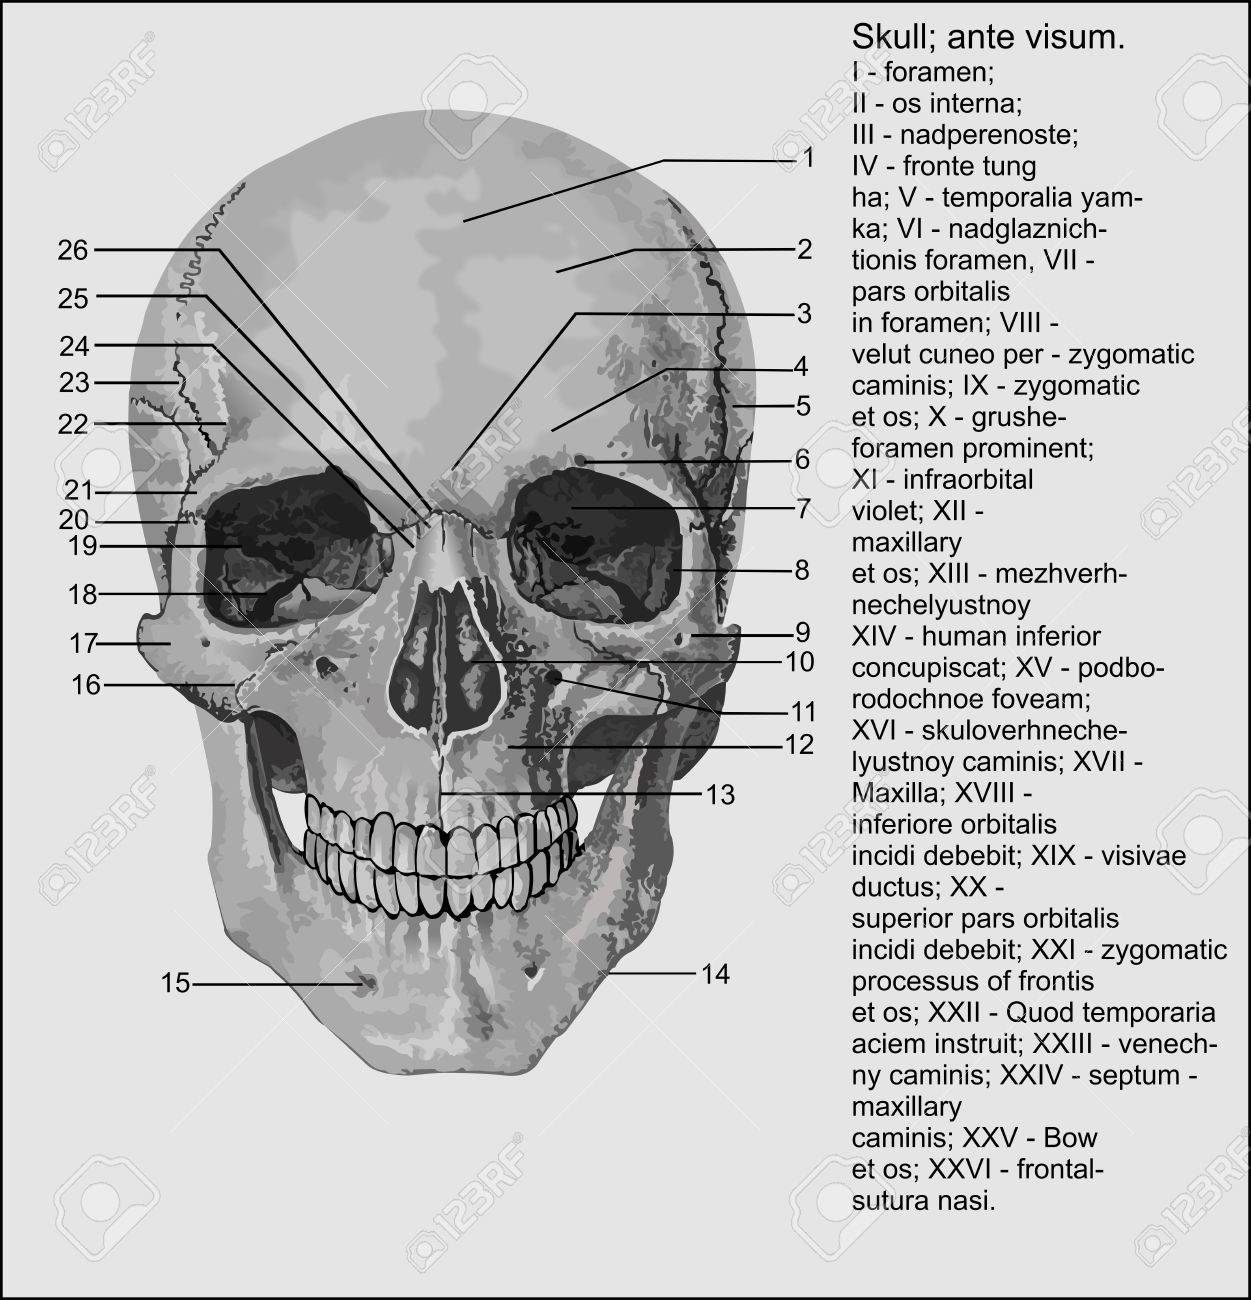 La Anatomía Humana, Cráneo Humano Ilustraciones Vectoriales, Clip ...